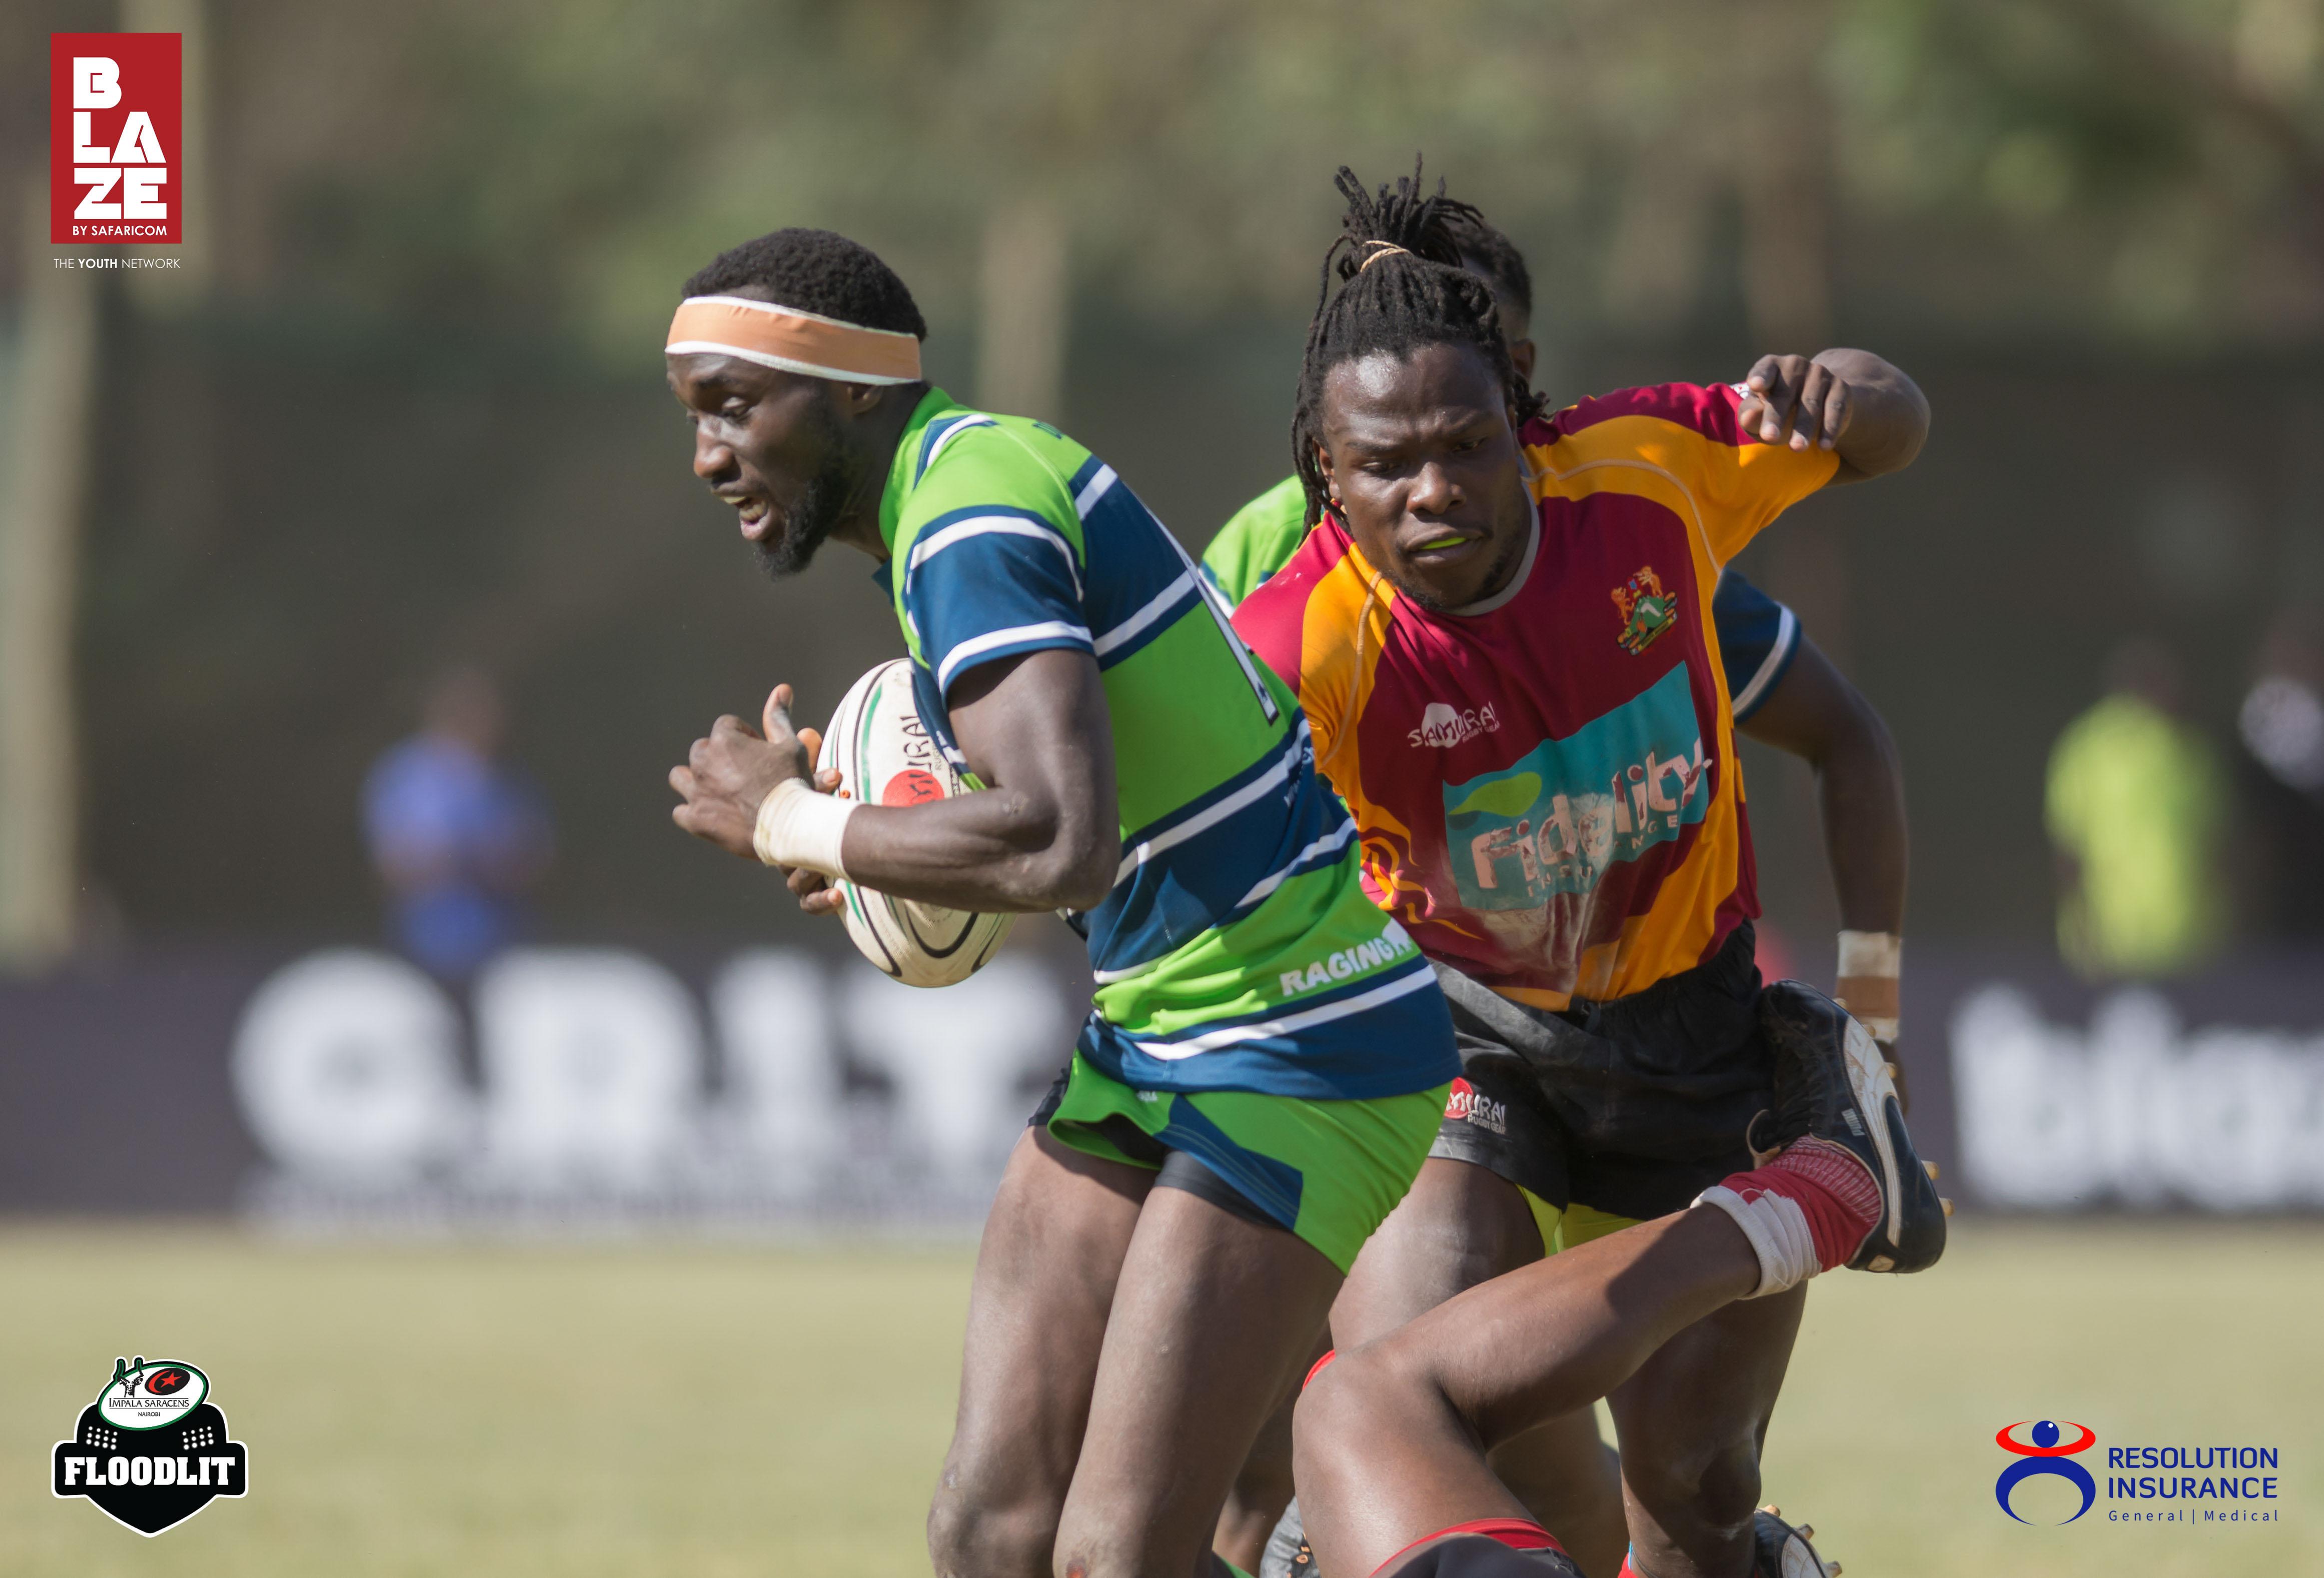 Tony onyango of KCB brushing off a tackle from Archadius Khwesa of Blakblad.